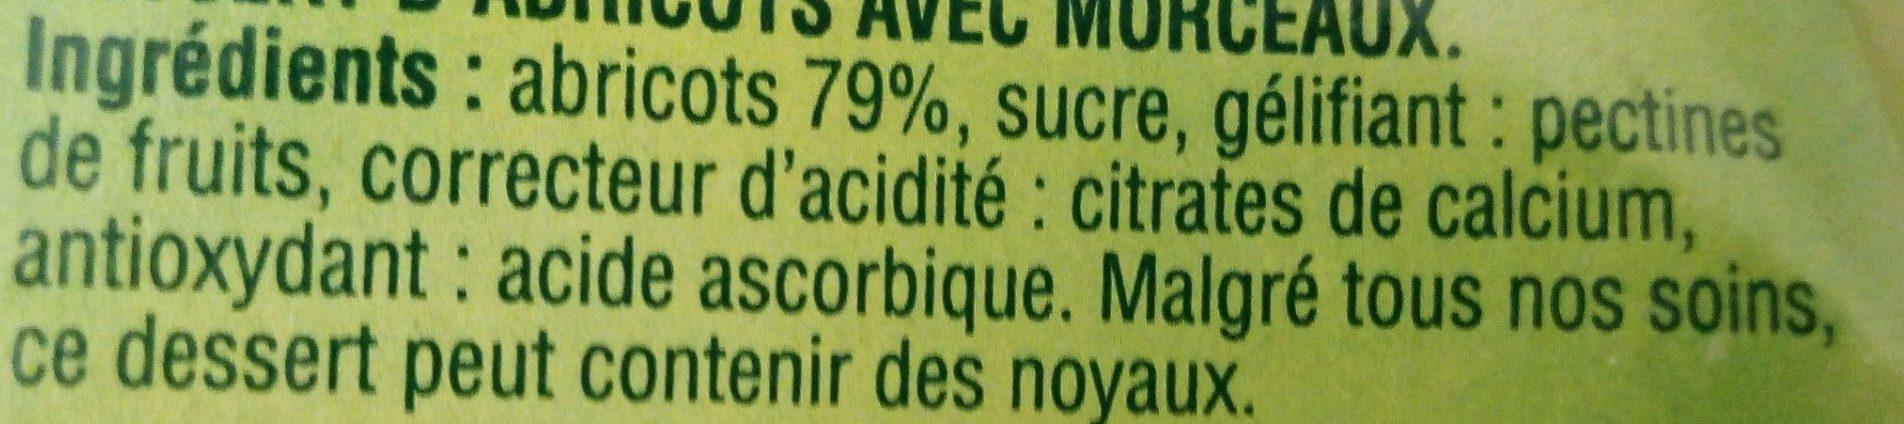 Abricot Morceaux Moelleux - Ingredients